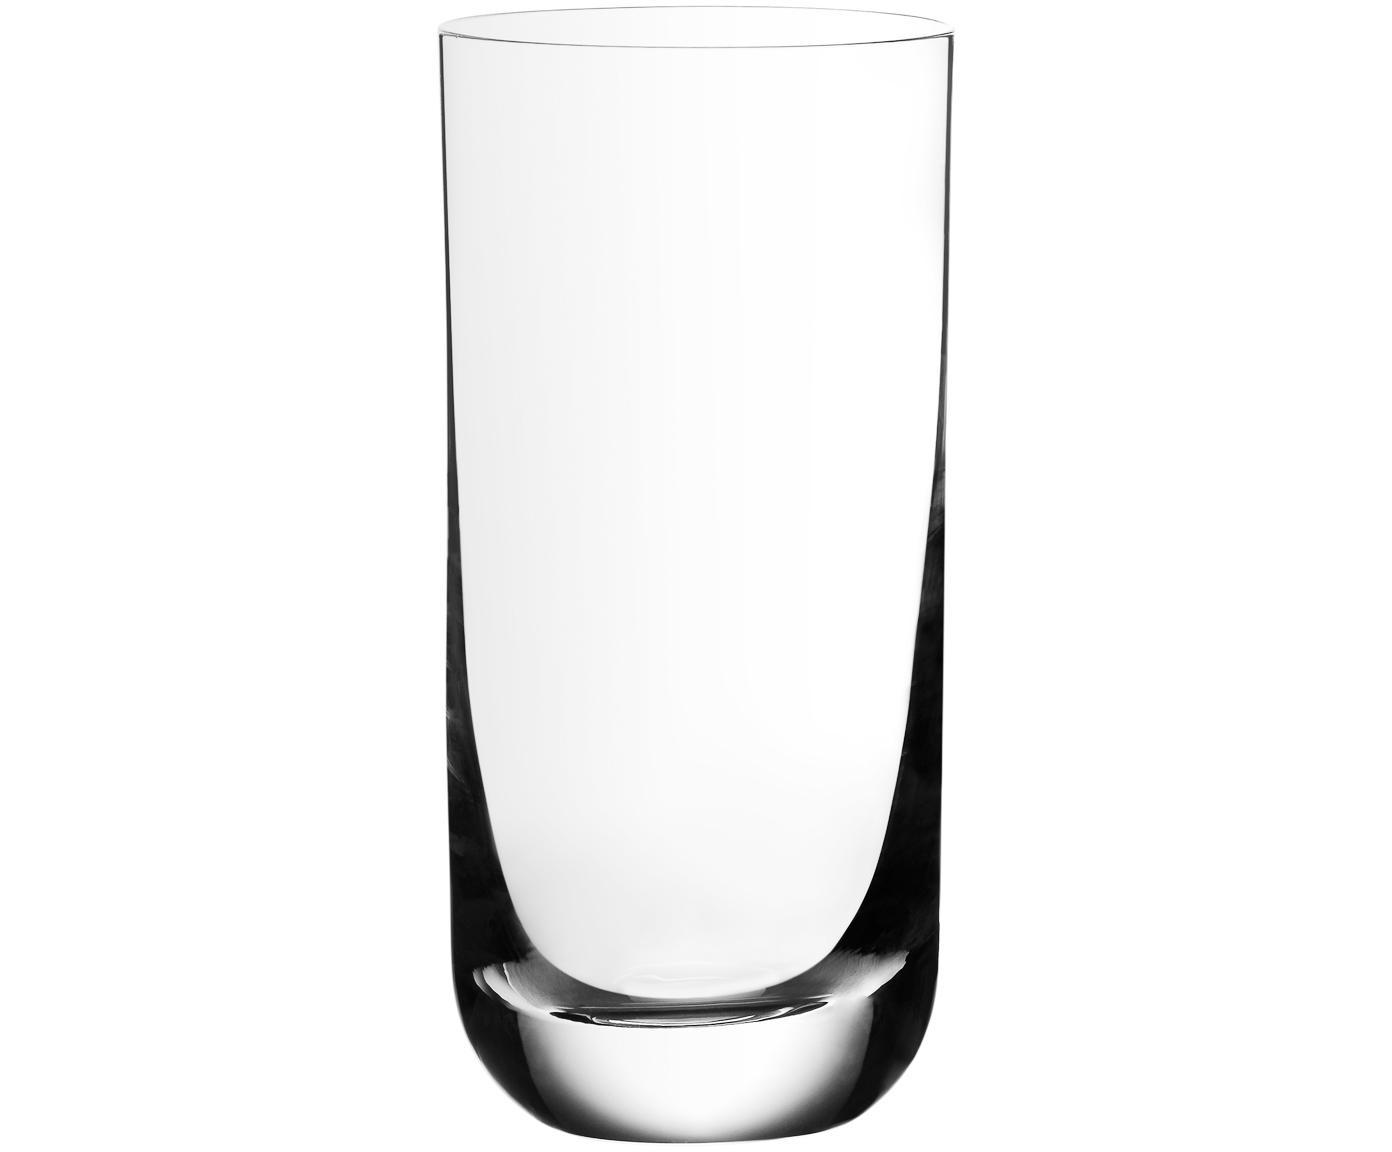 Kryształowa szklanka do koktajli Harmony, 6 szt., Szkło kryształowe o najwyższym połysku, szczególnie widocznym poprzez odbijanie światła, Transparentny, 360 ml